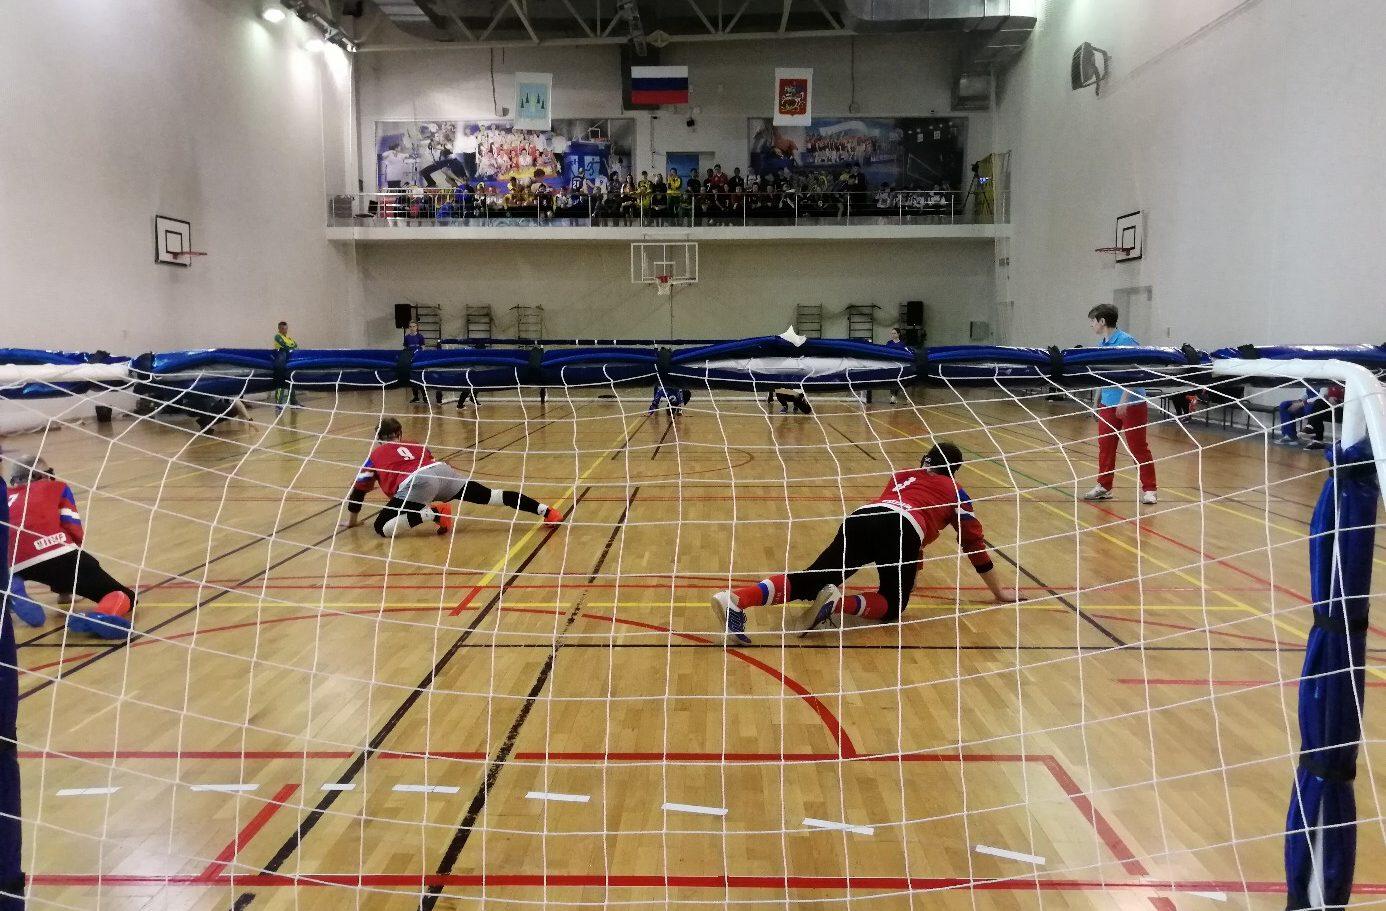 В Раменском во Дворце спорта «Борисоглебский»  проходят игры первенства России по голболу спорту слепых